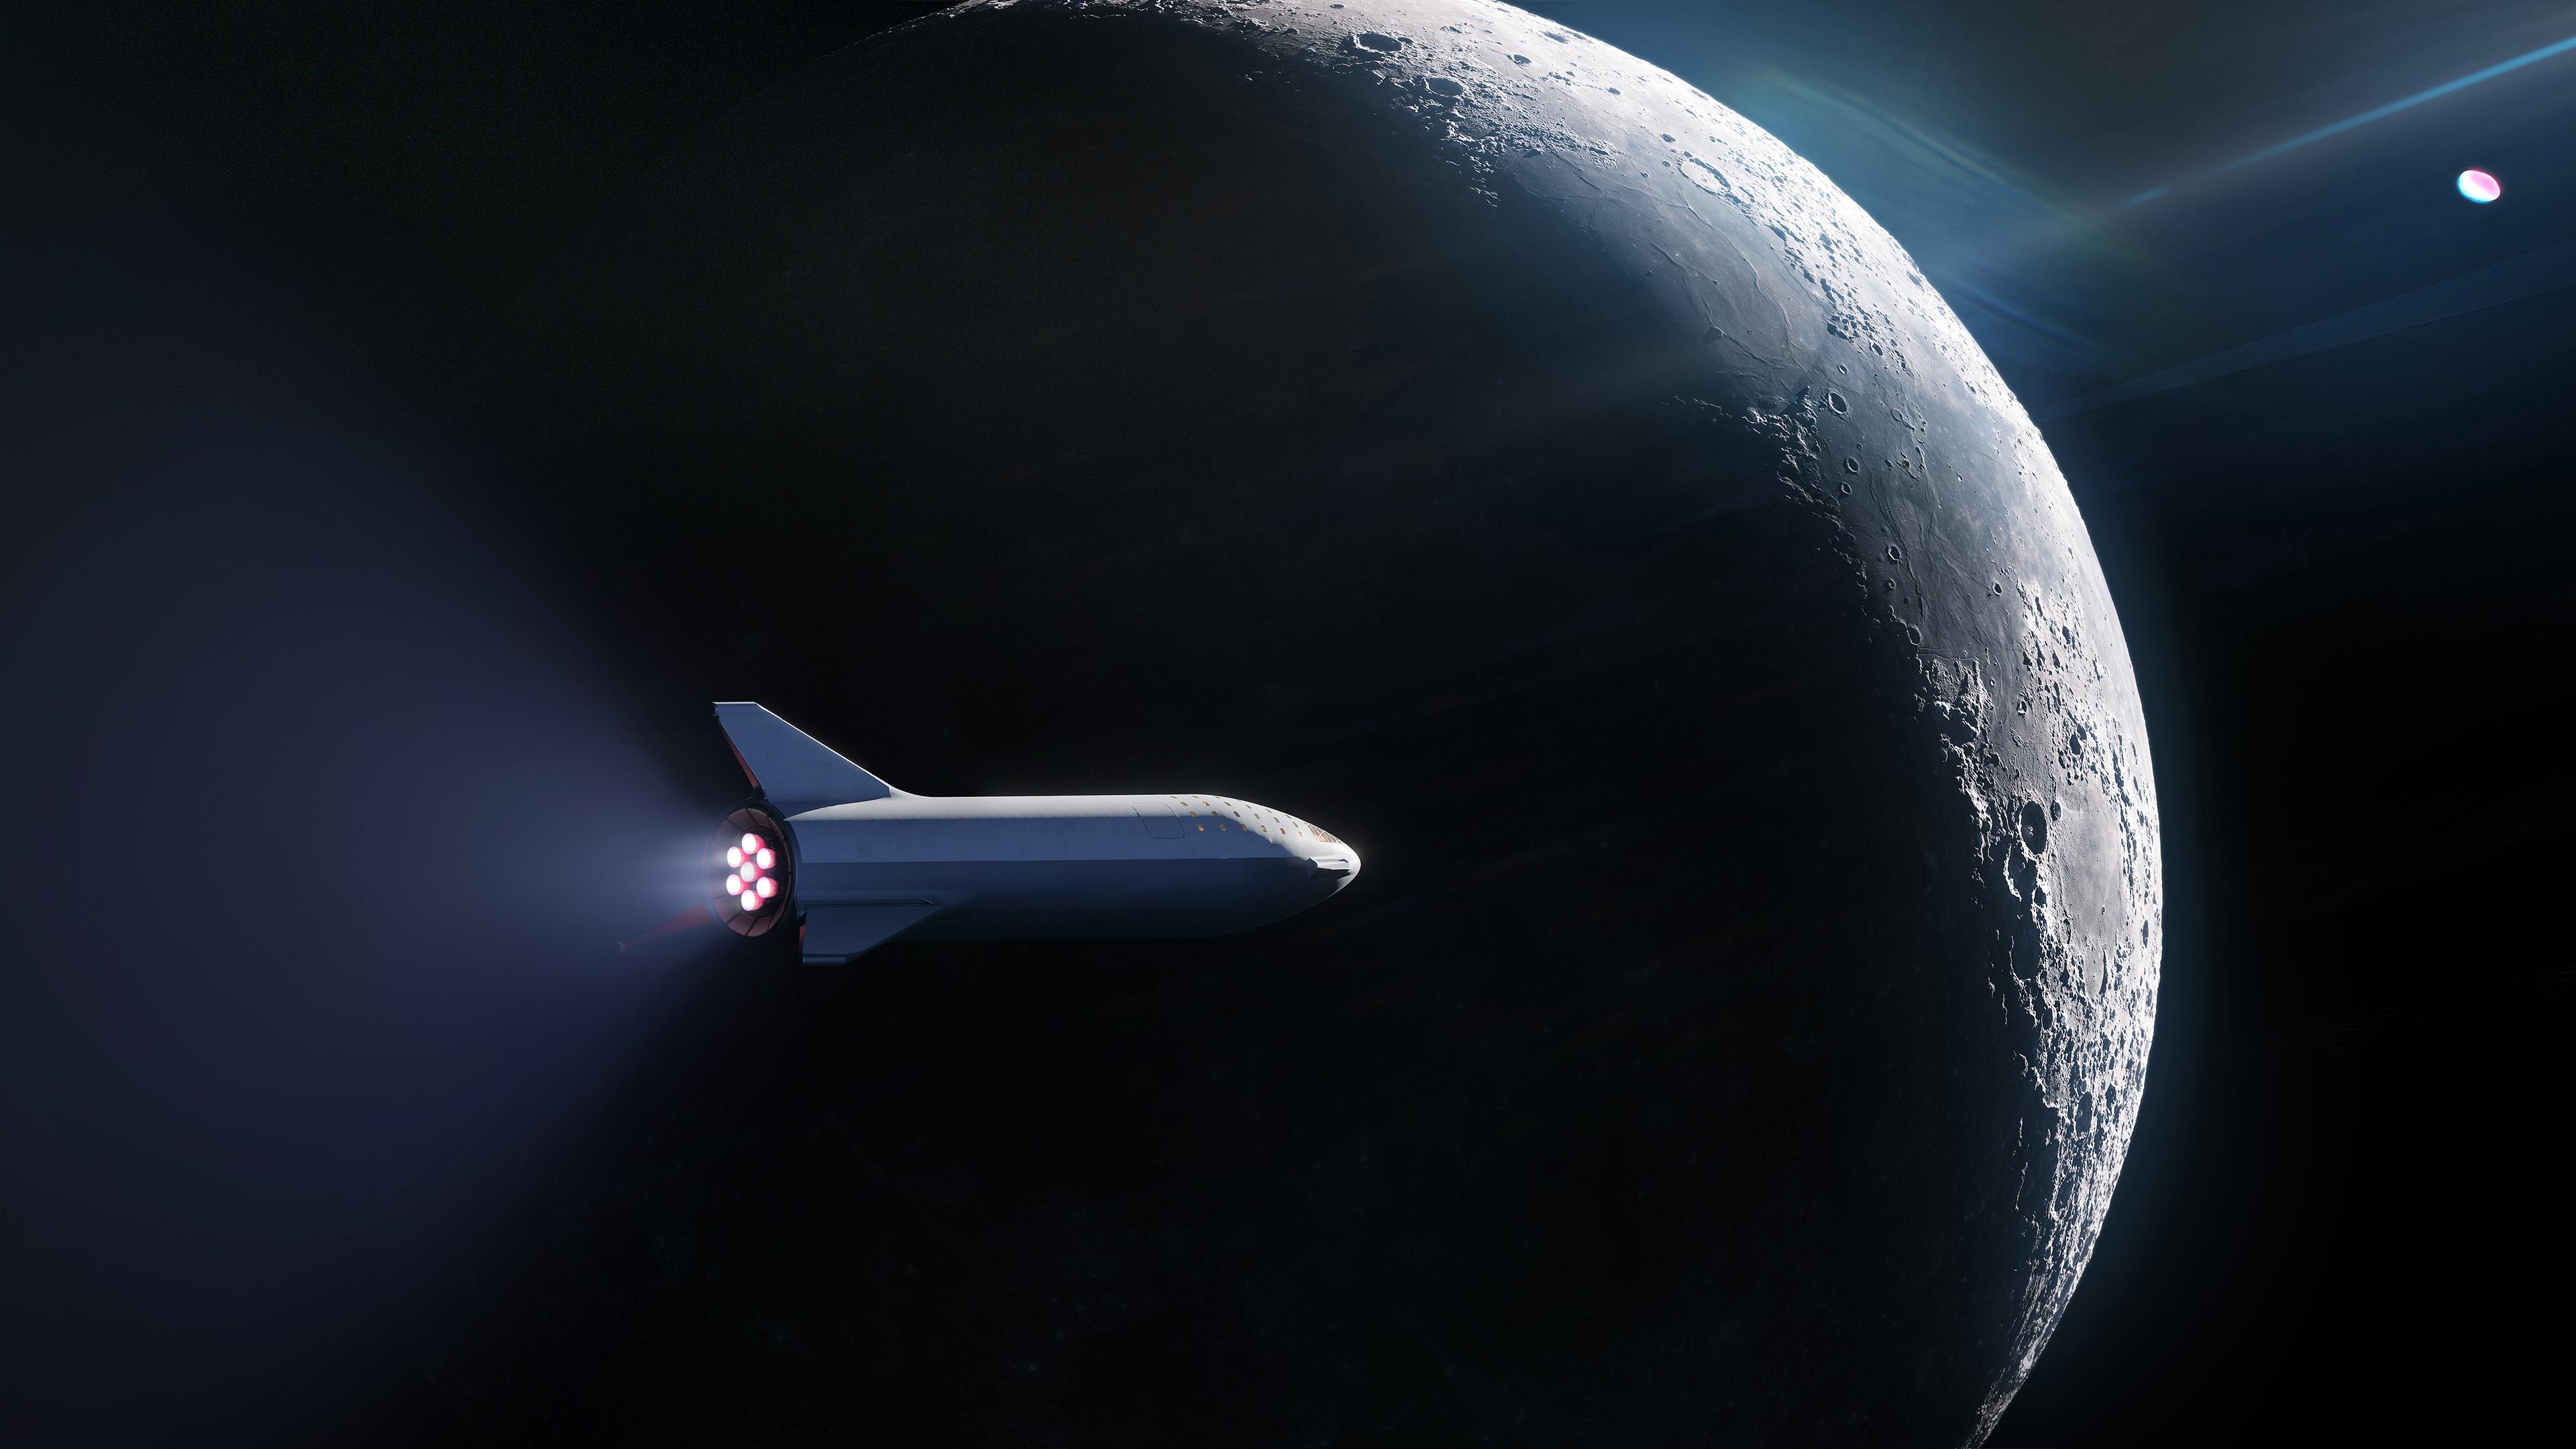 lunar-bfr-mission-jl.jpg